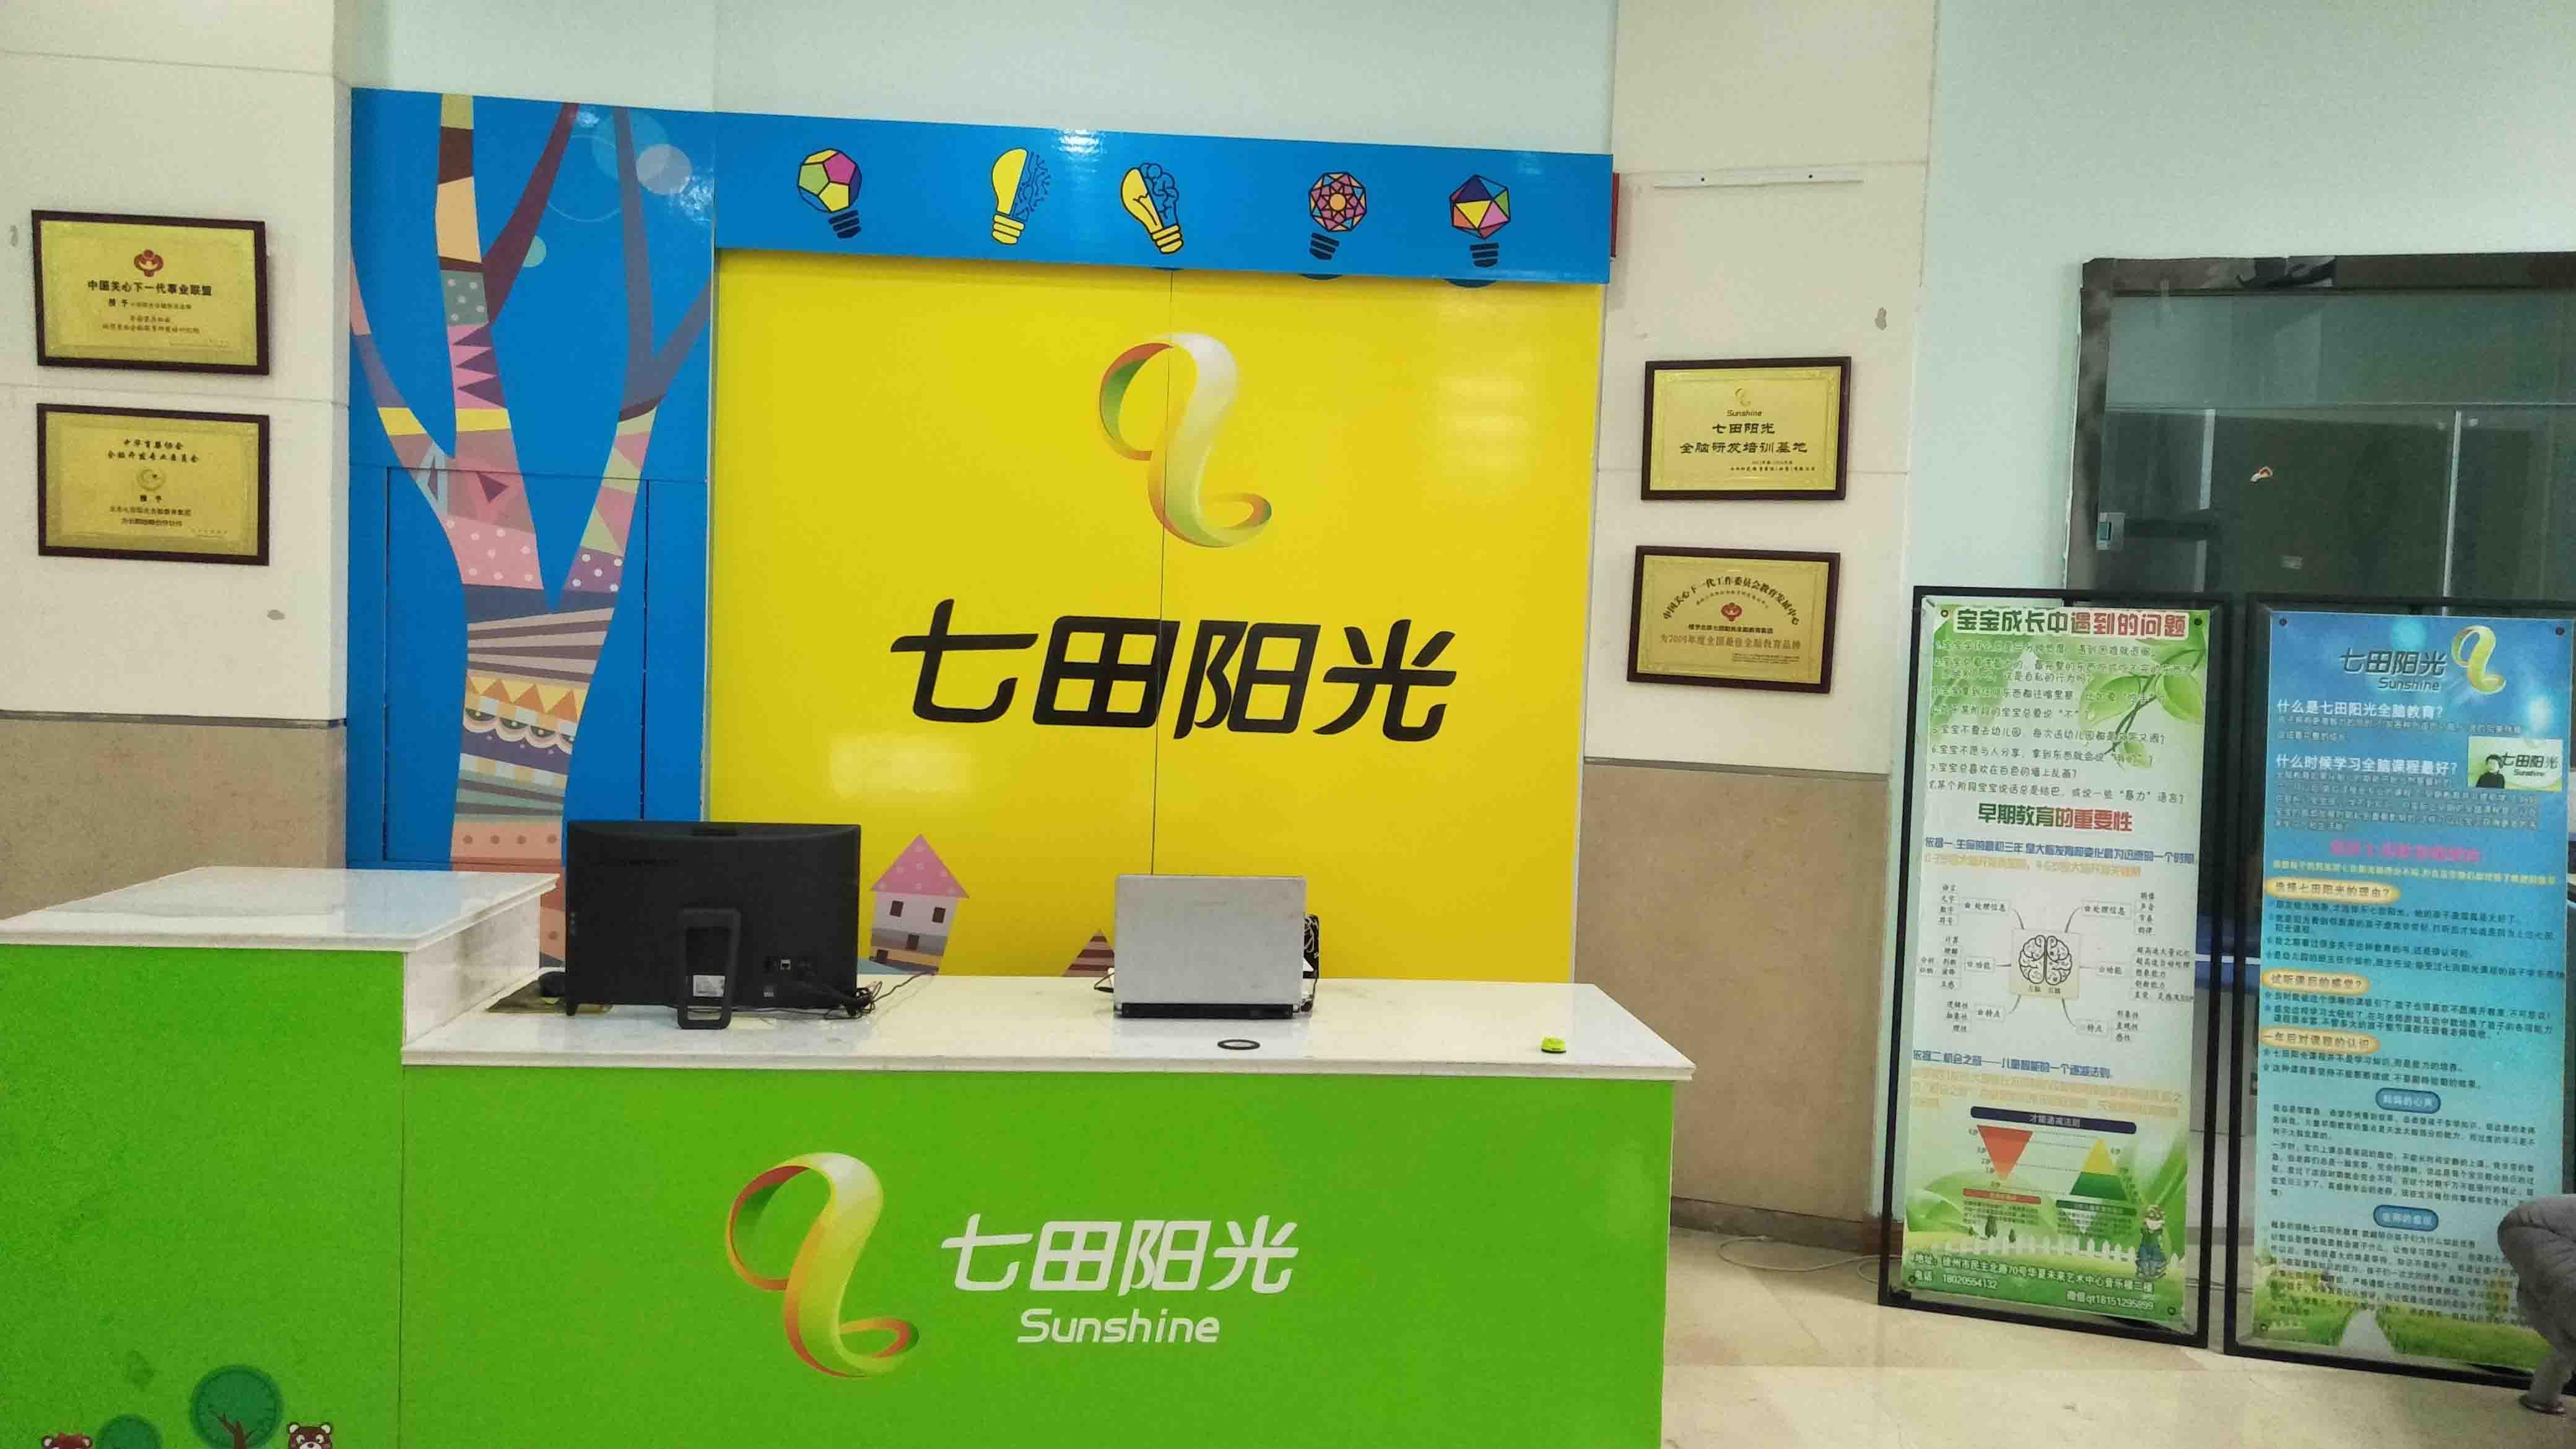 「易胜博官方网站阳光」徐州鼓楼福源广场中心